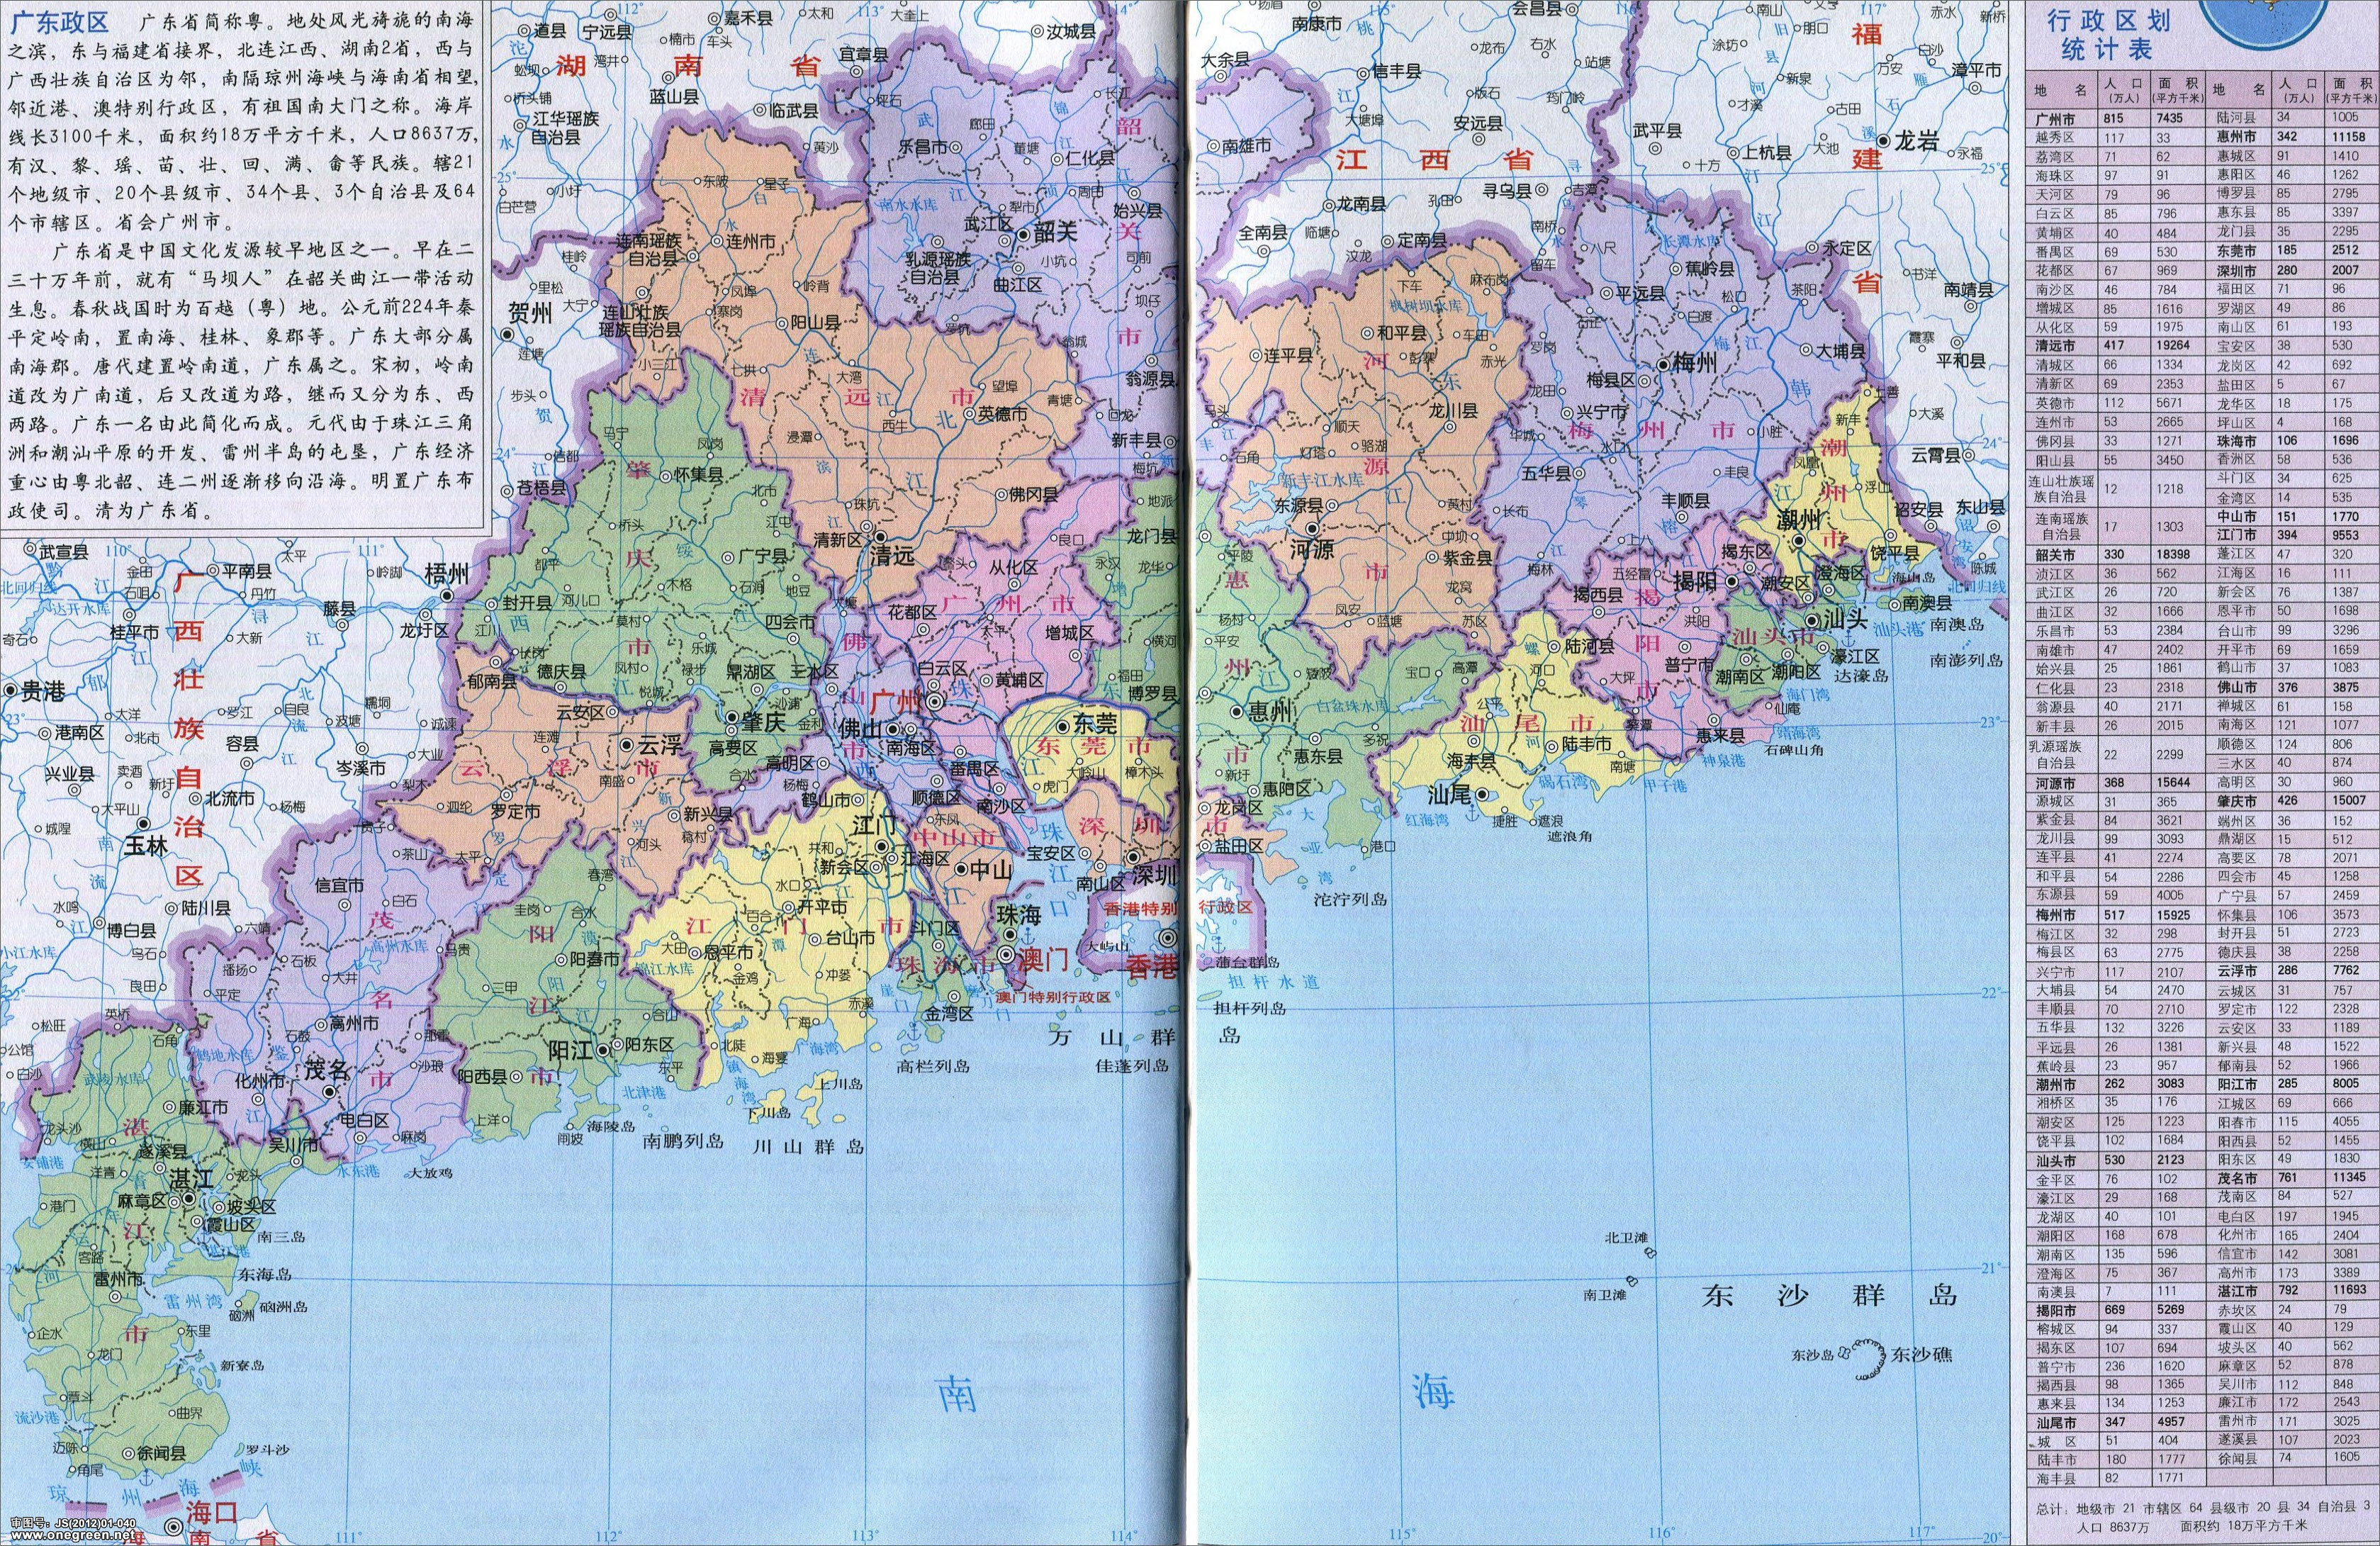 广东省交通地图_广东省行政区划地图_广东地图库_地图窝